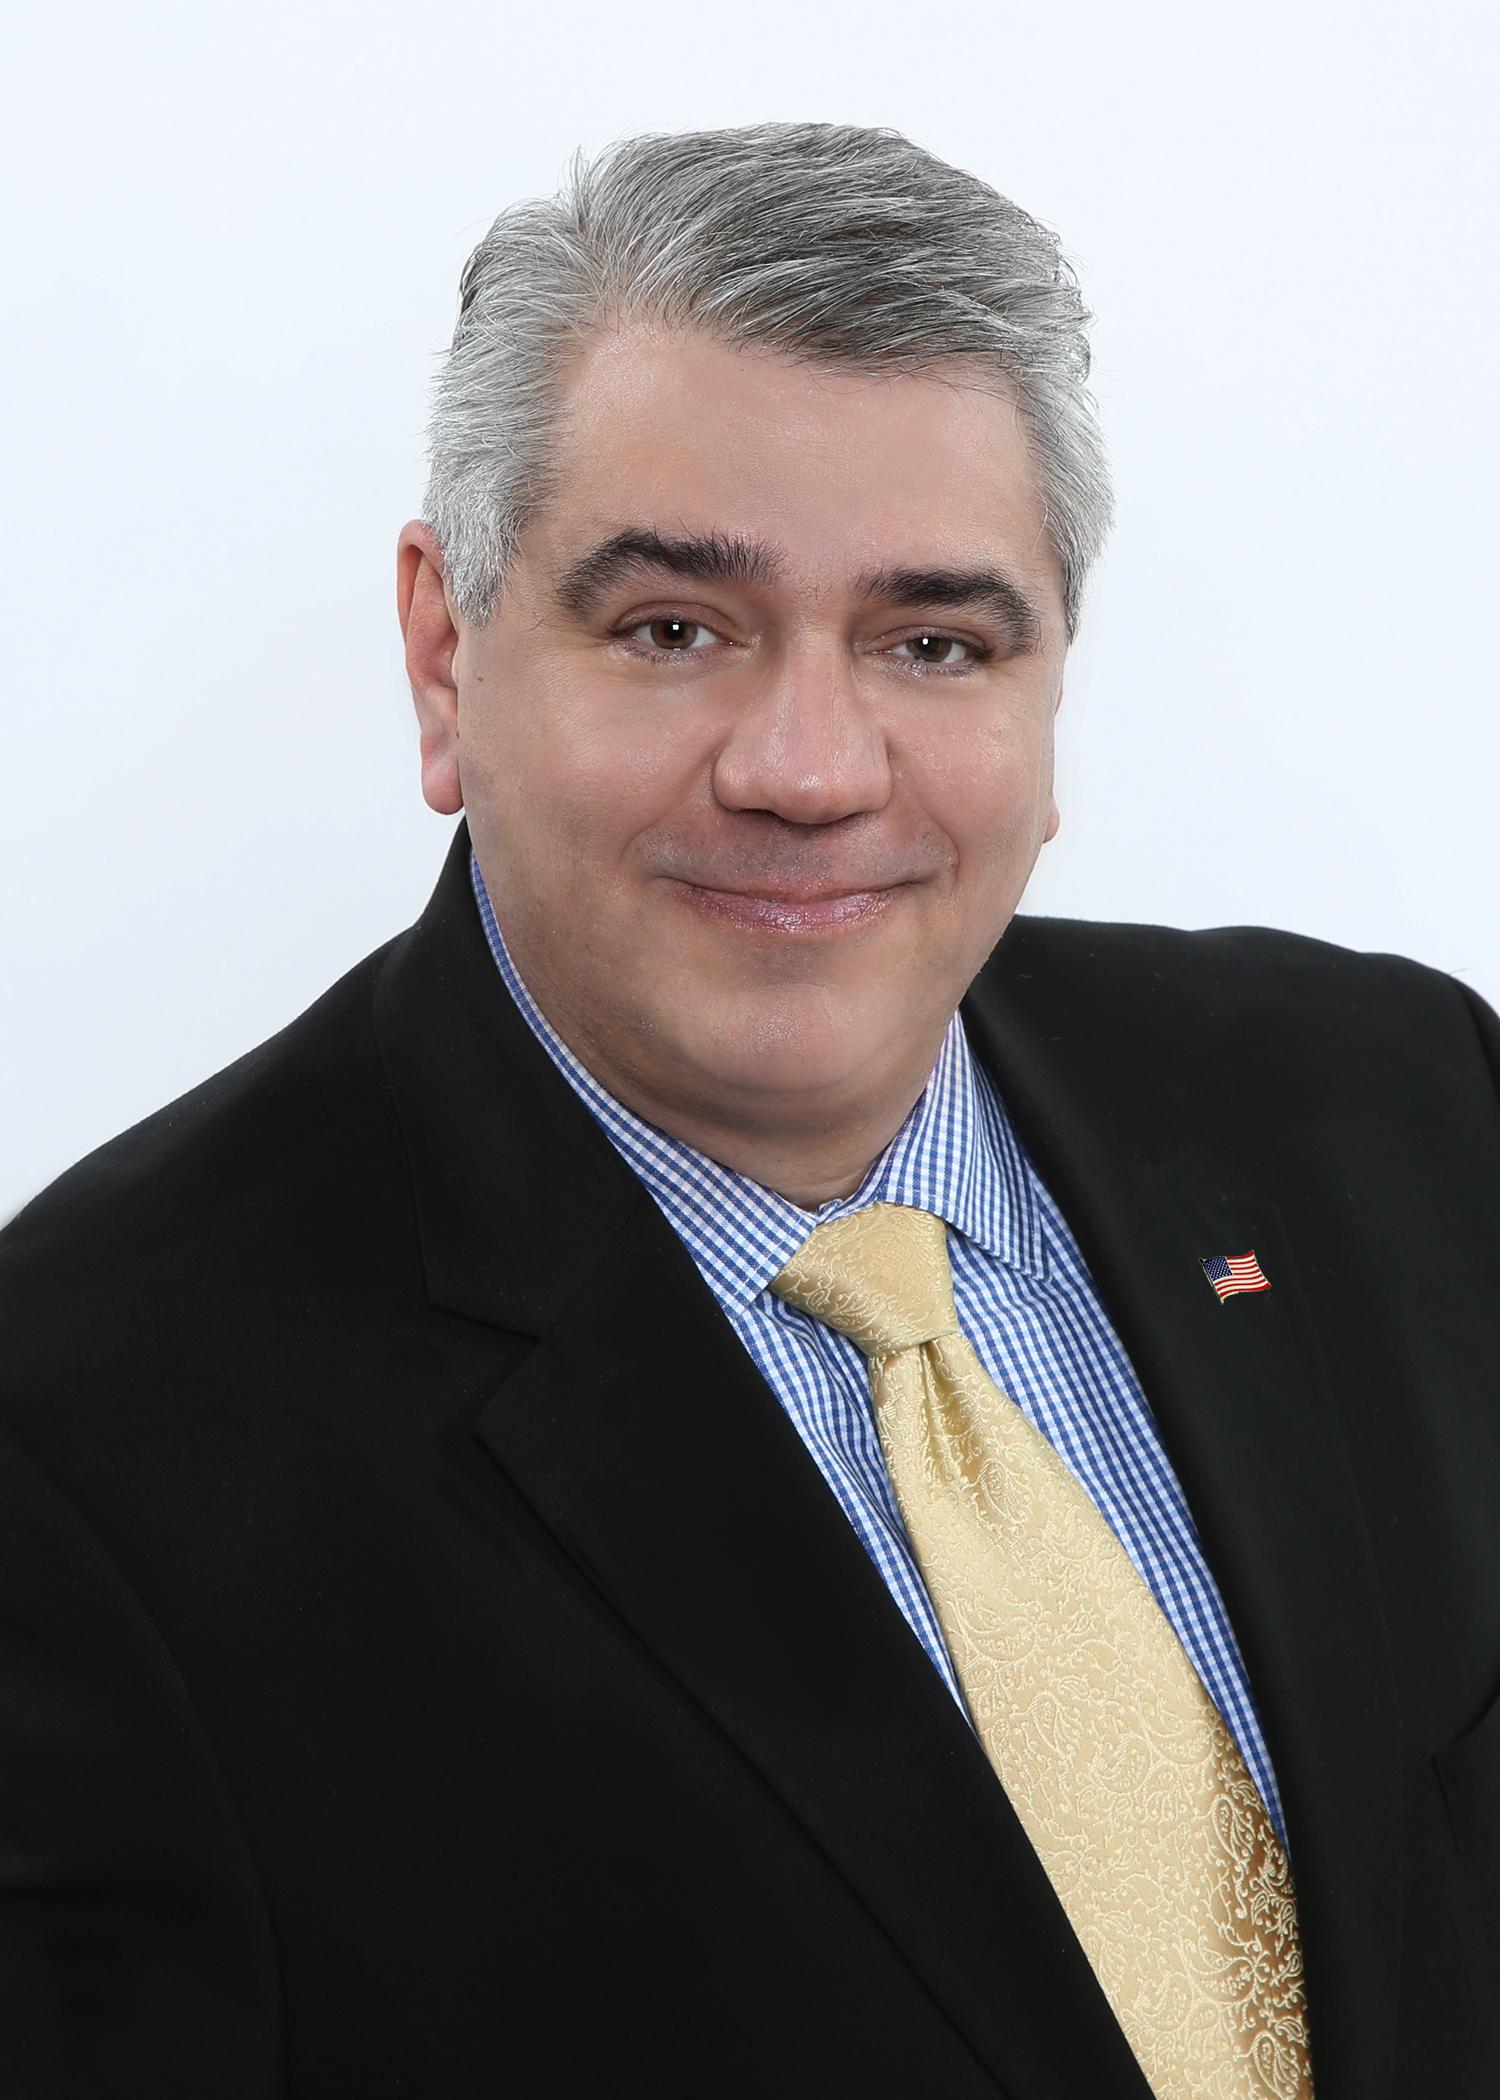 Injury Attorney Jim Miron in Bridgeport CT